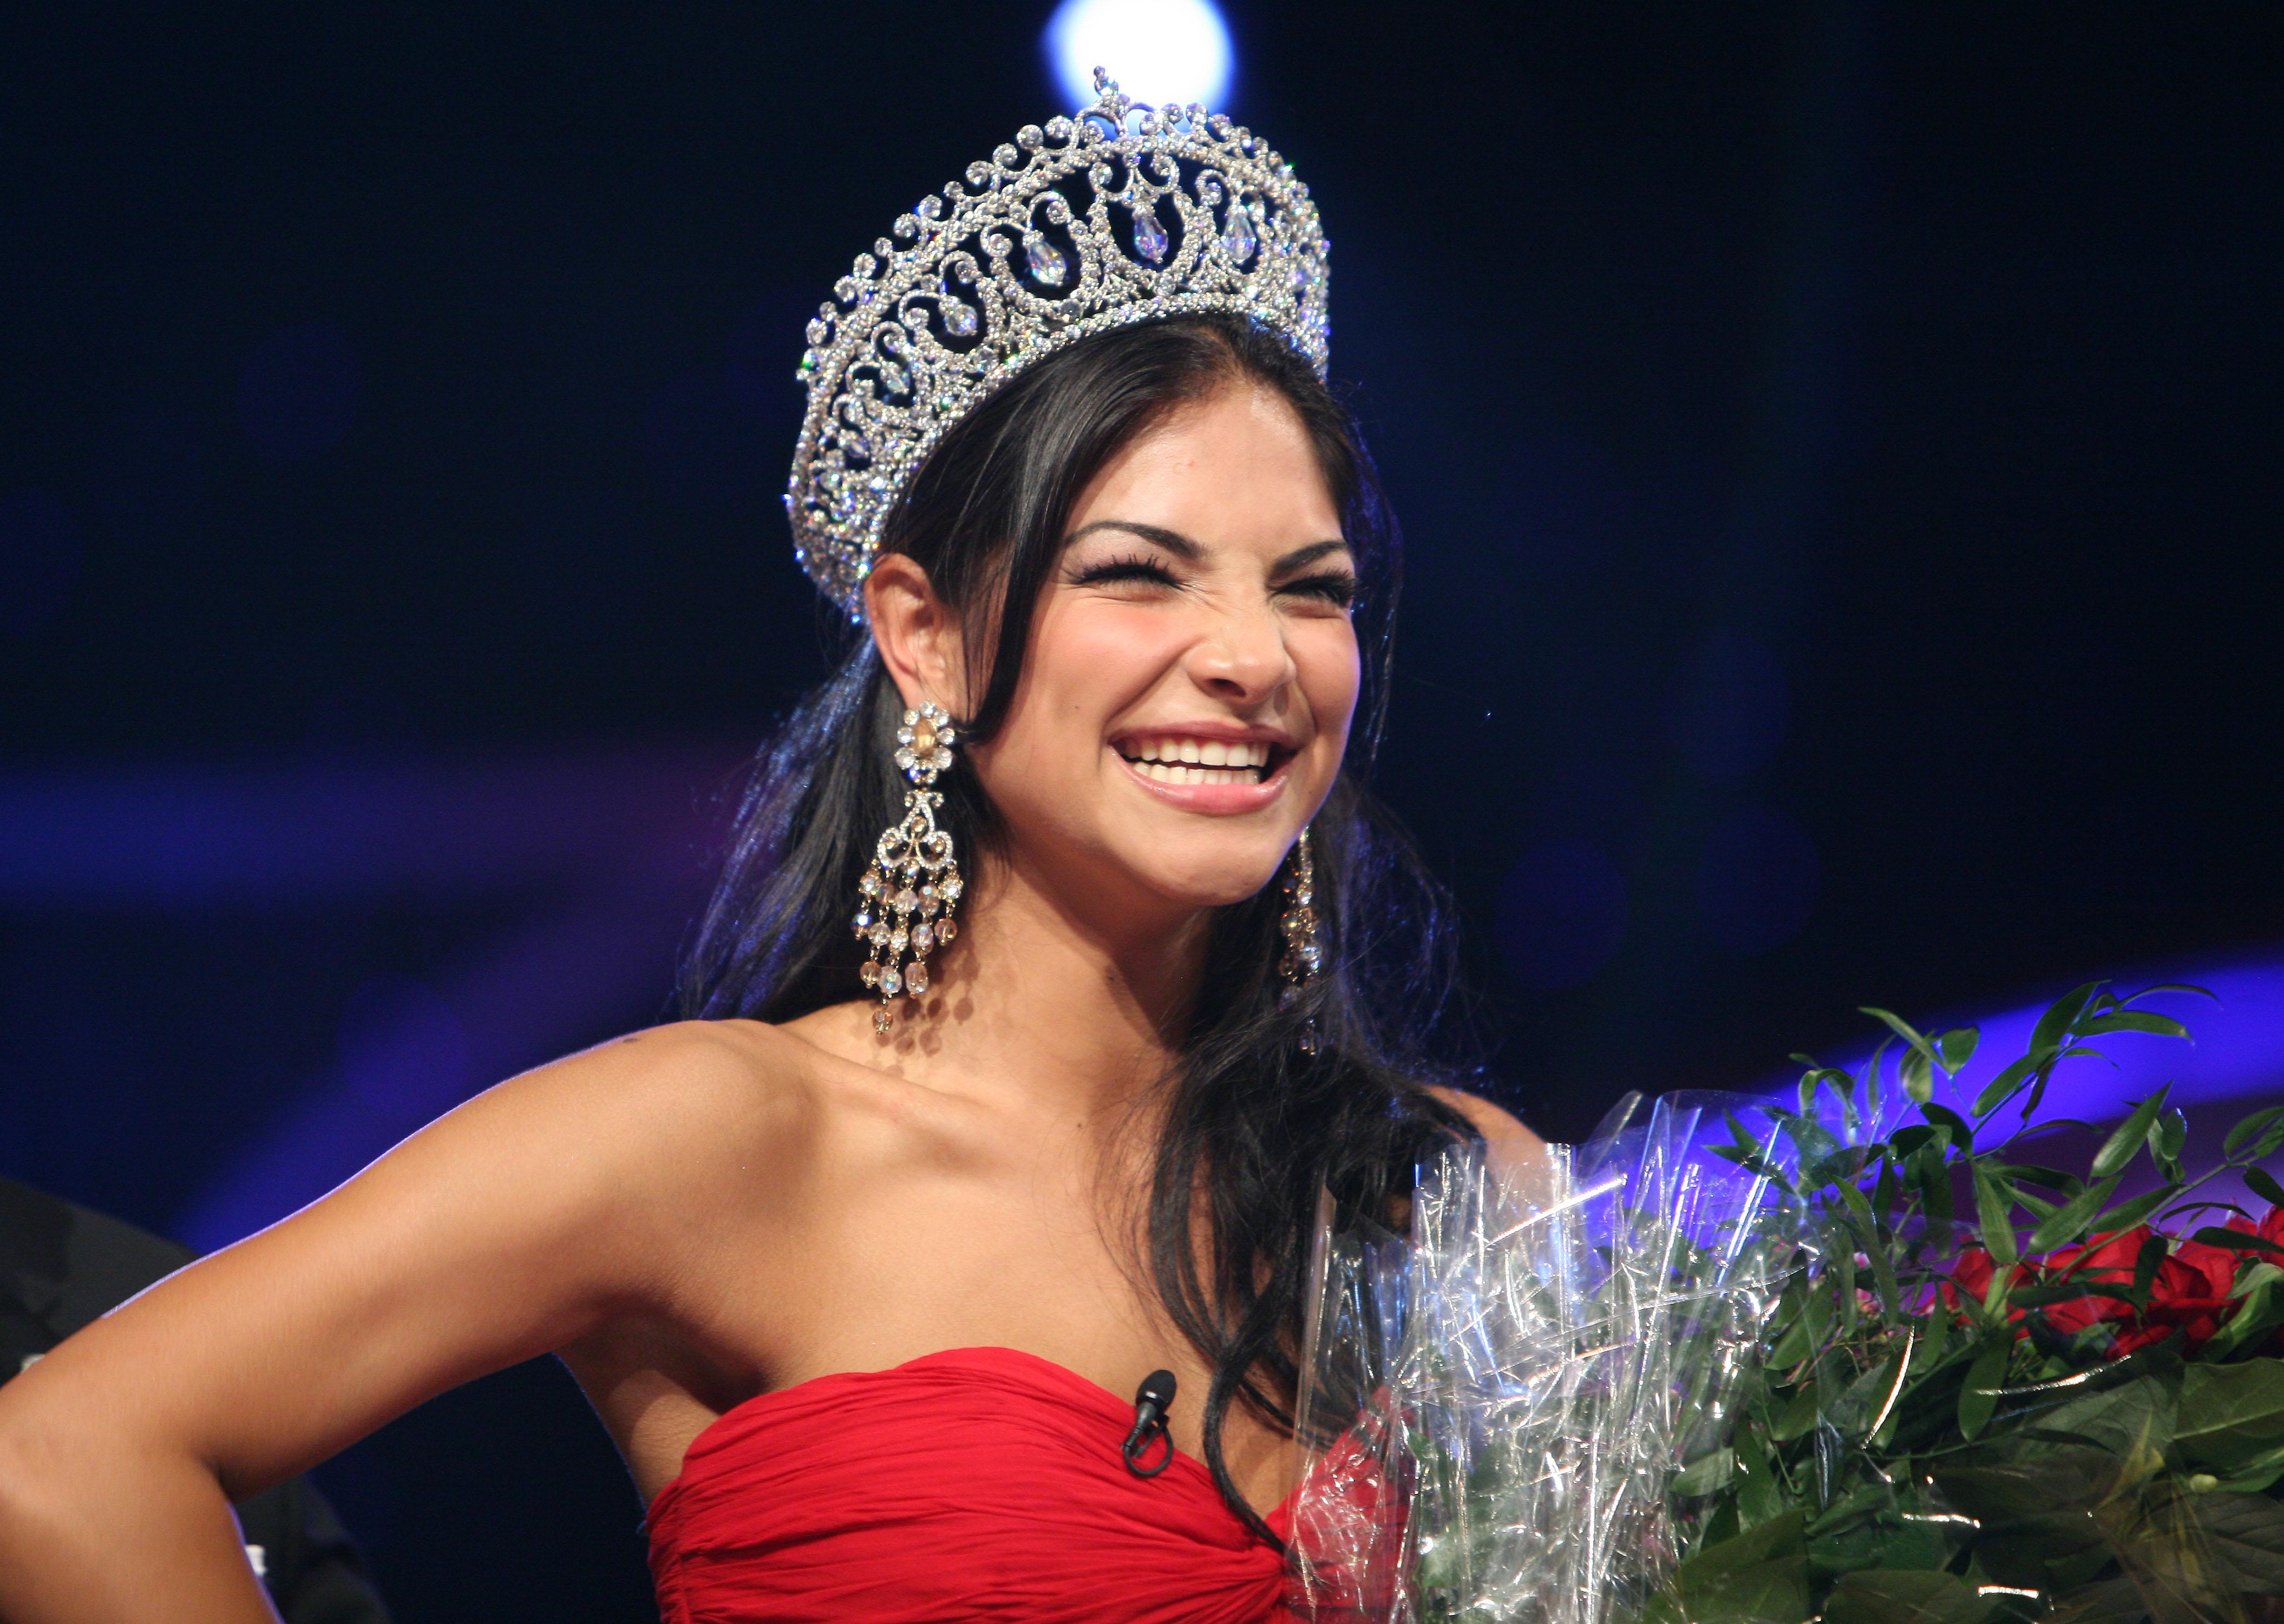 Alejandra Espinoza nuestra belleza latina